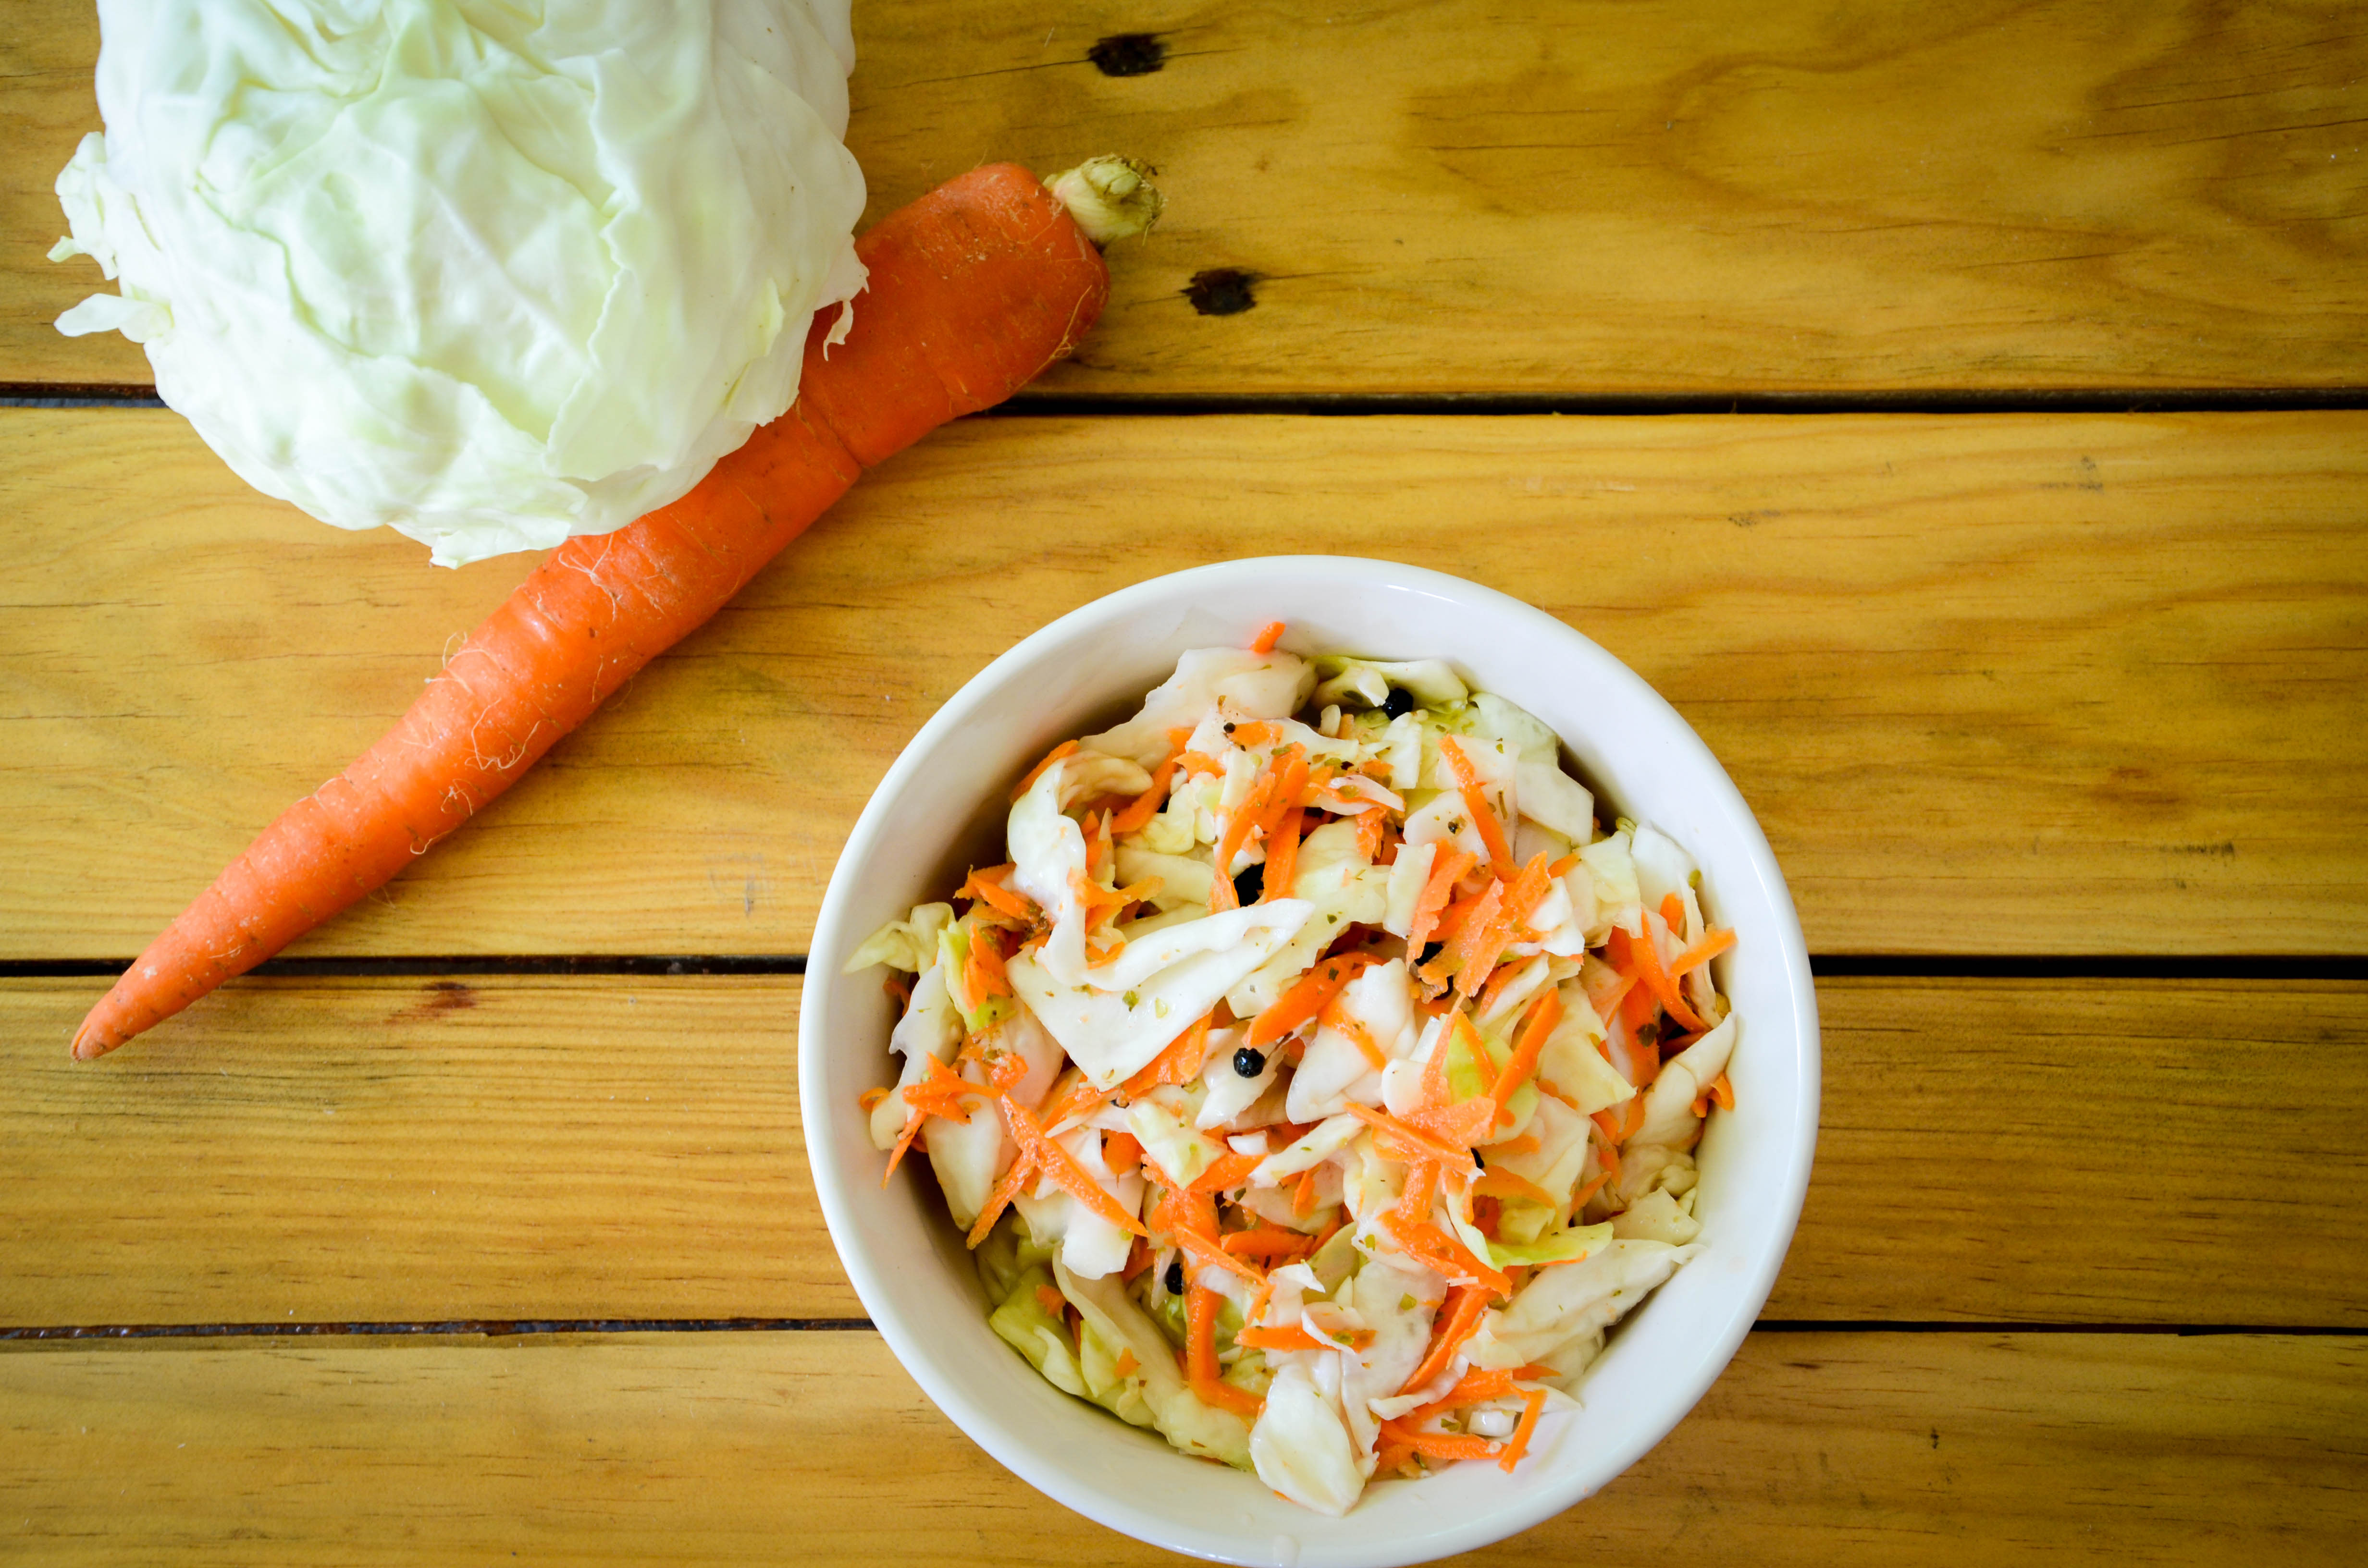 Encurtido De Repollo Y Zanahorias Brighter Bites Las zanahorias se pueden encontrar de todos los tamaños, formas y colores. brighter bites